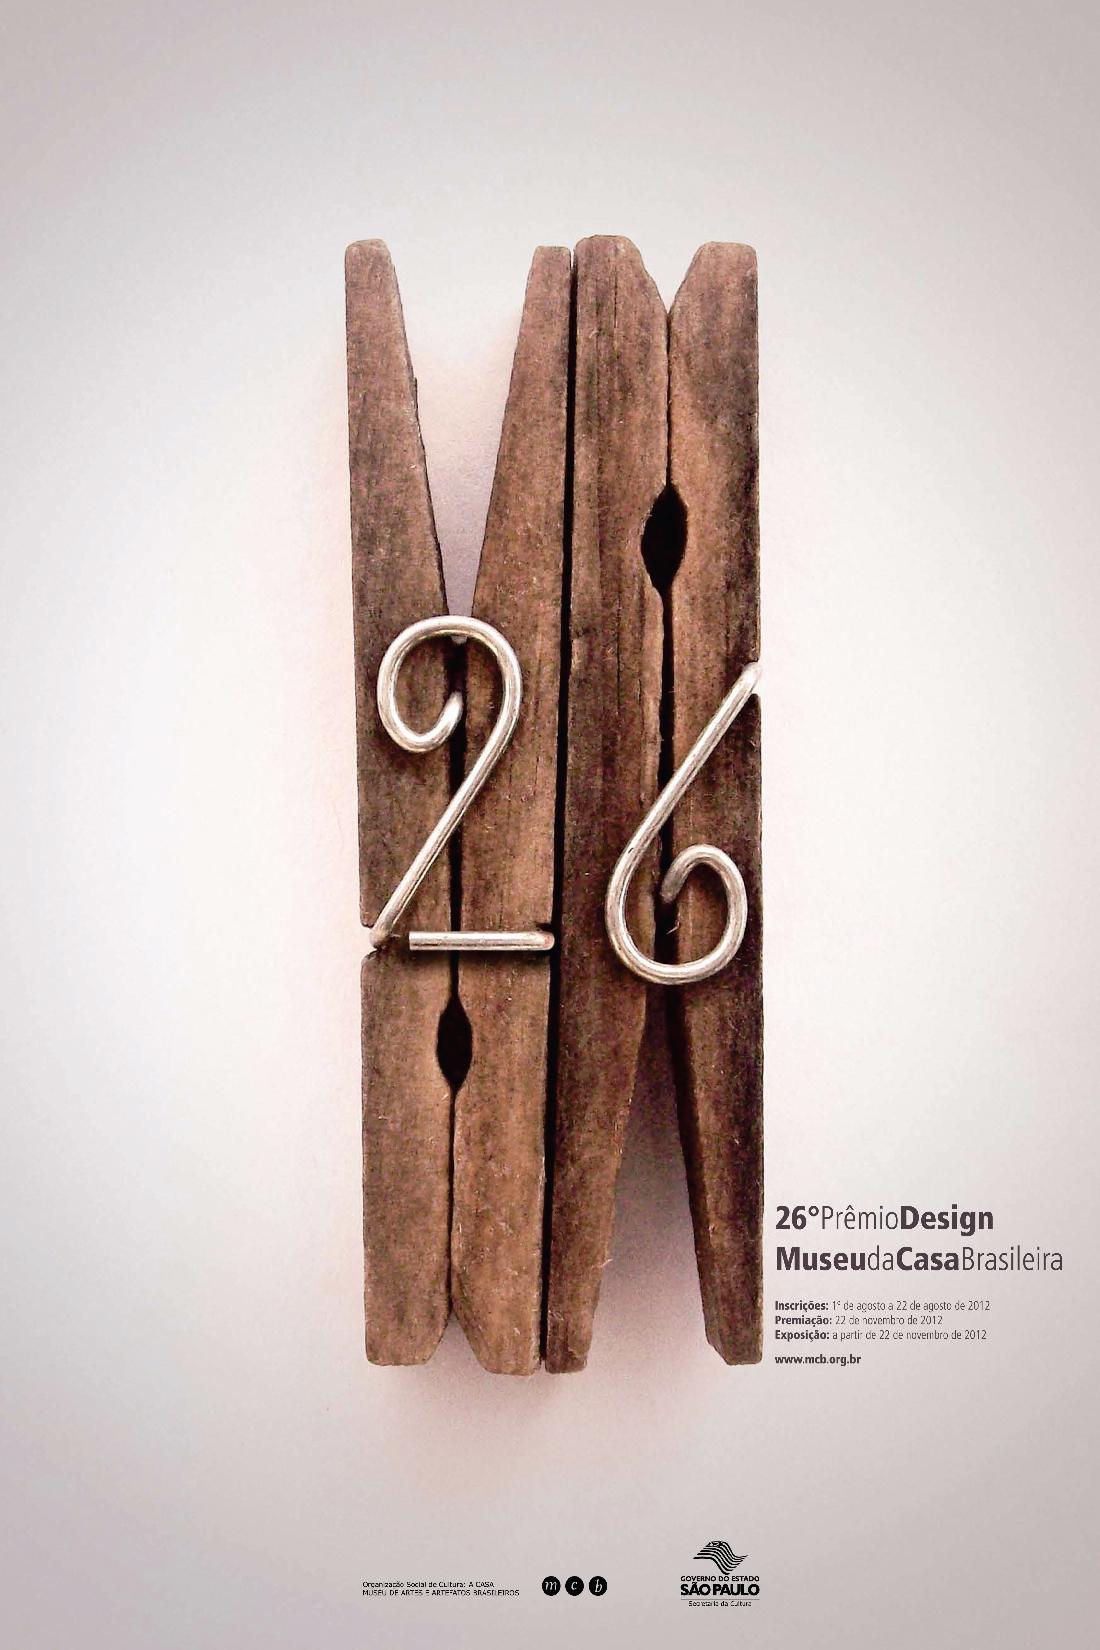 26º PRÊMIO DESIGN MUSEU DA CASA BRASILEIRA